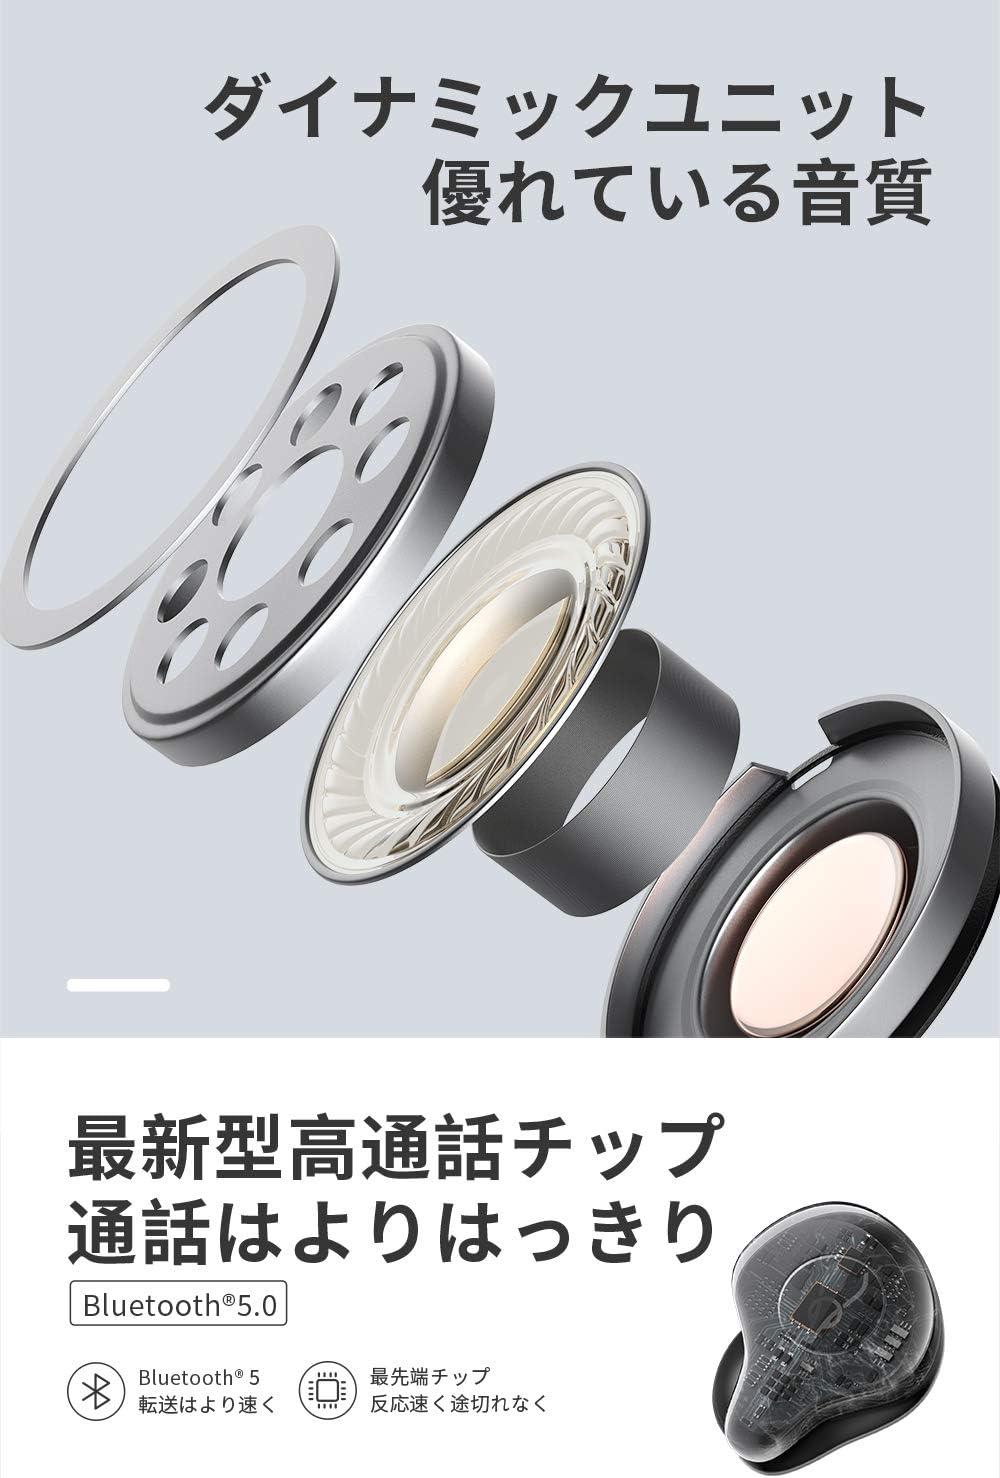 【中華ワイヤレスイヤホン】Sabbat X12 Ultra Bluetooth イヤホン 完全ワイヤレスイヤホン IPX5防水 ノイズキャンセリング